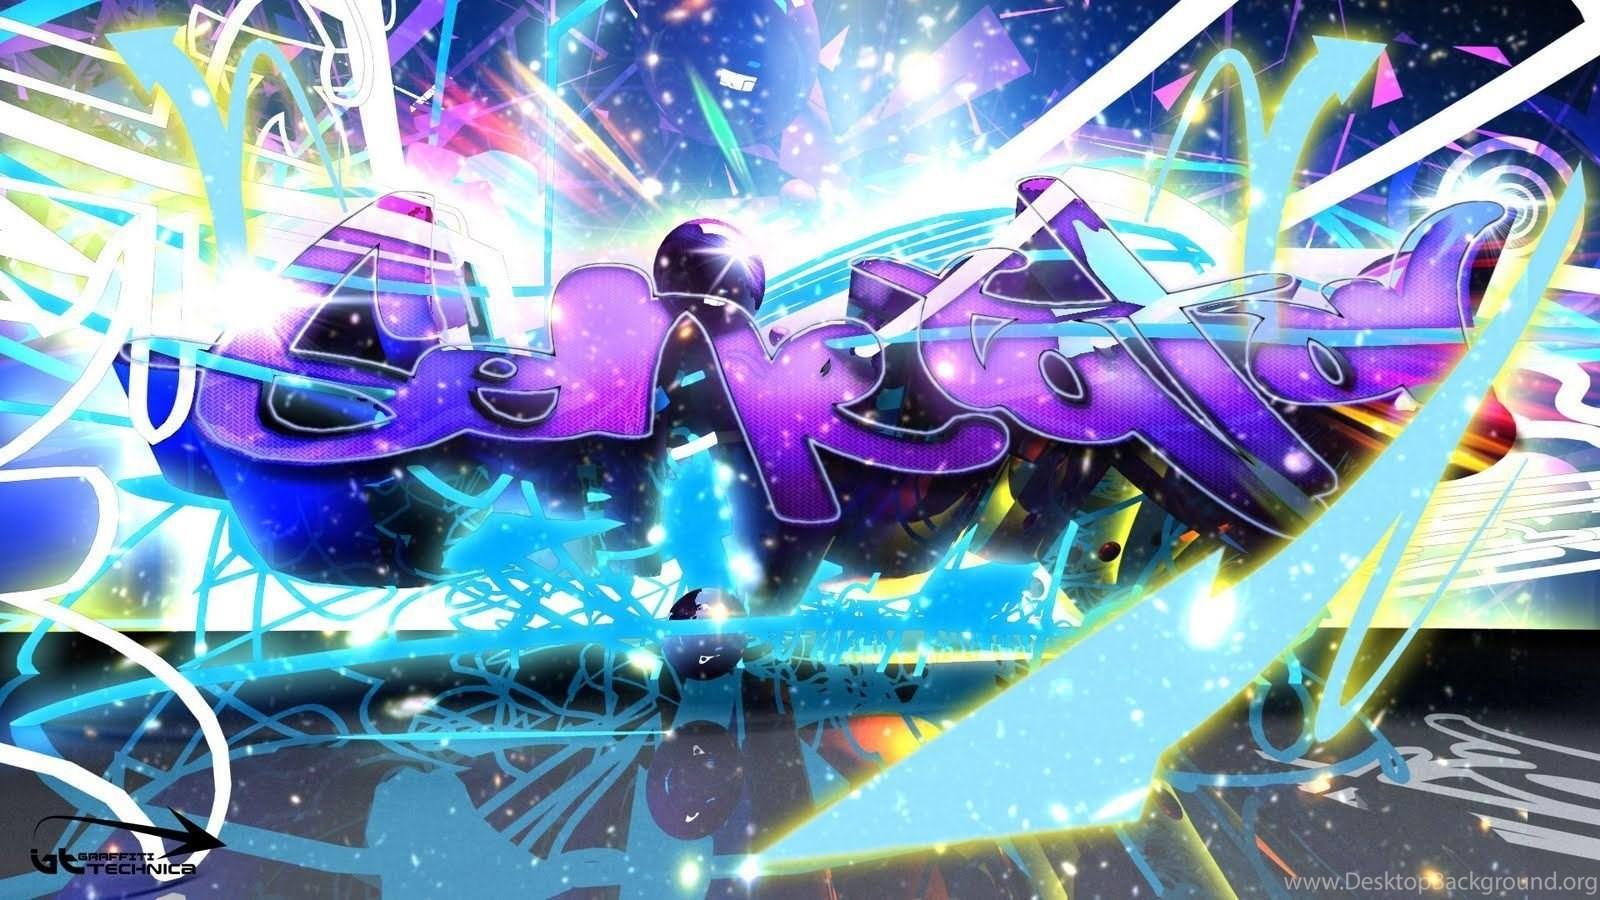 Cool Graffiti Wallpaper Widescreen Jpg Desktop Background